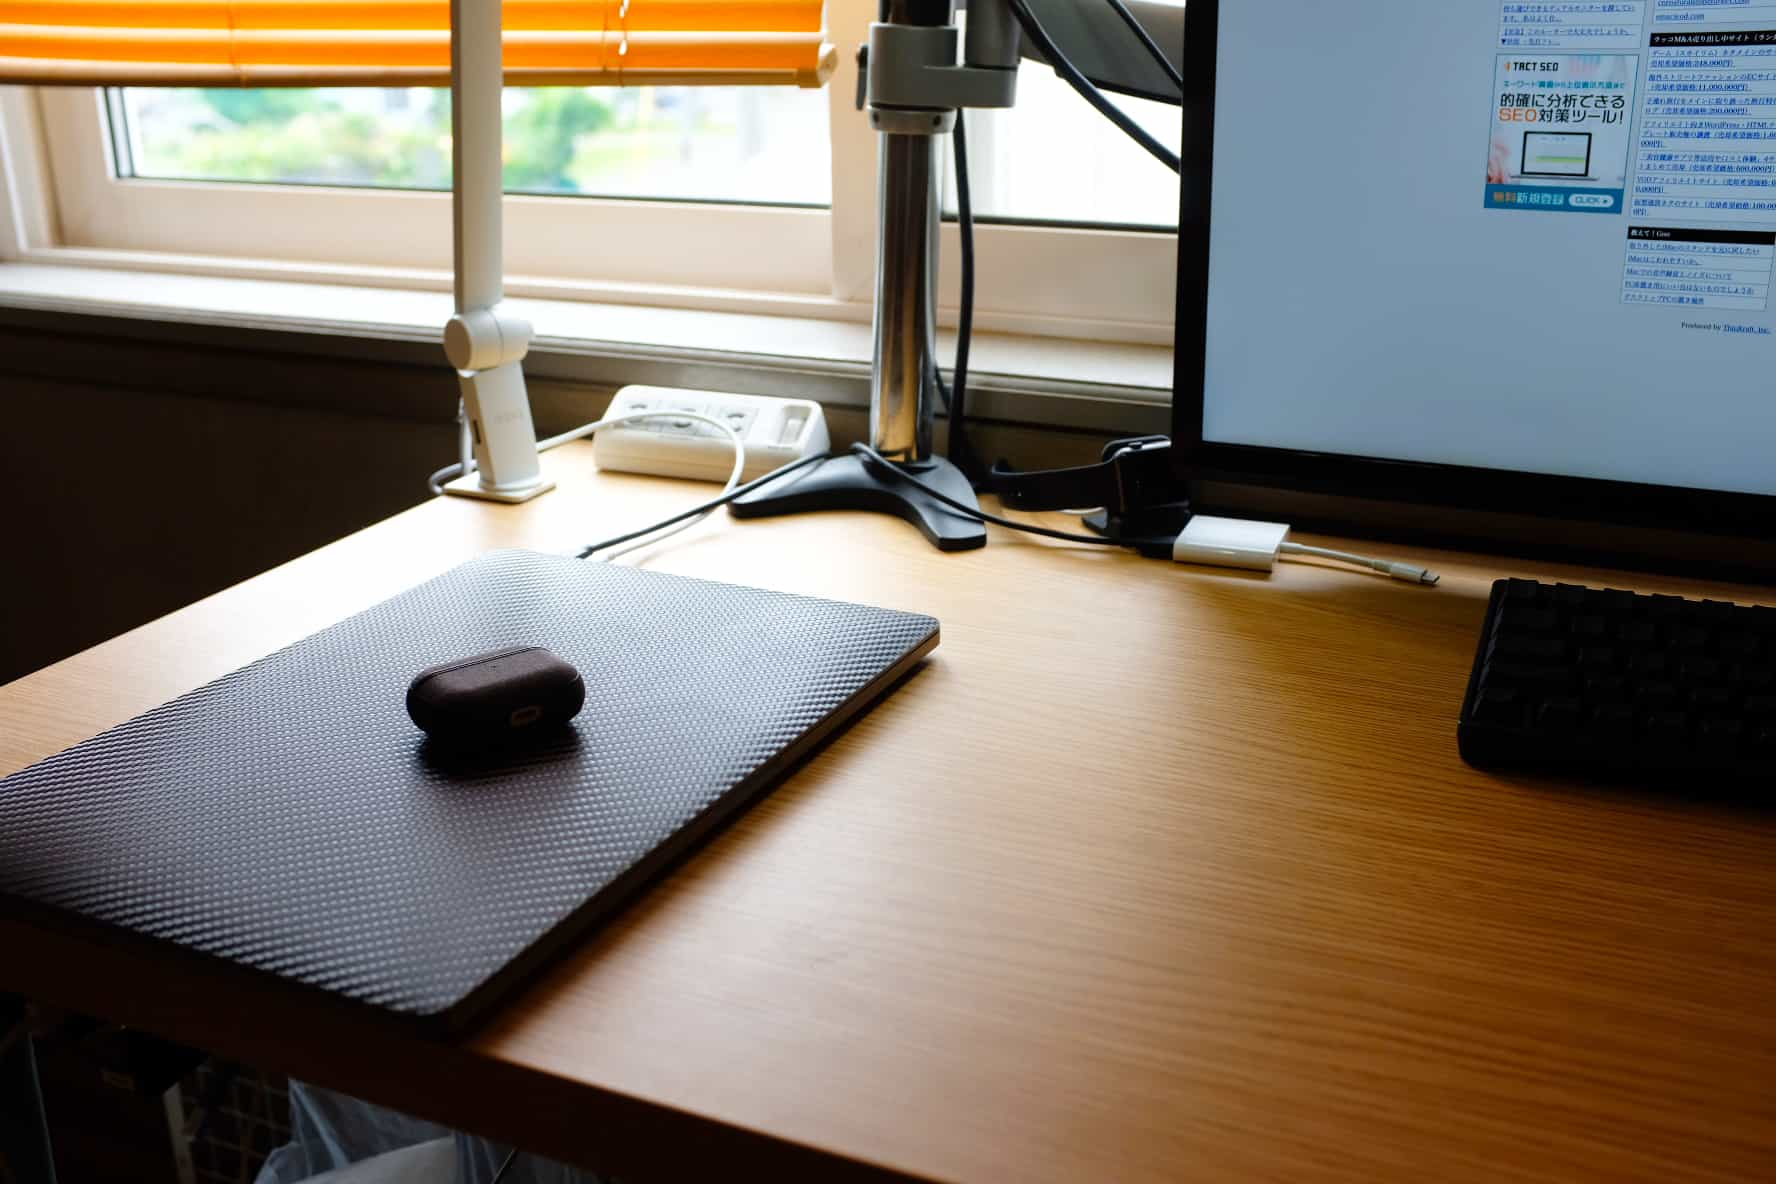 MacBookの縦置きスタンドを早く買わないと愛犬にMacBookをダメにされそうな話